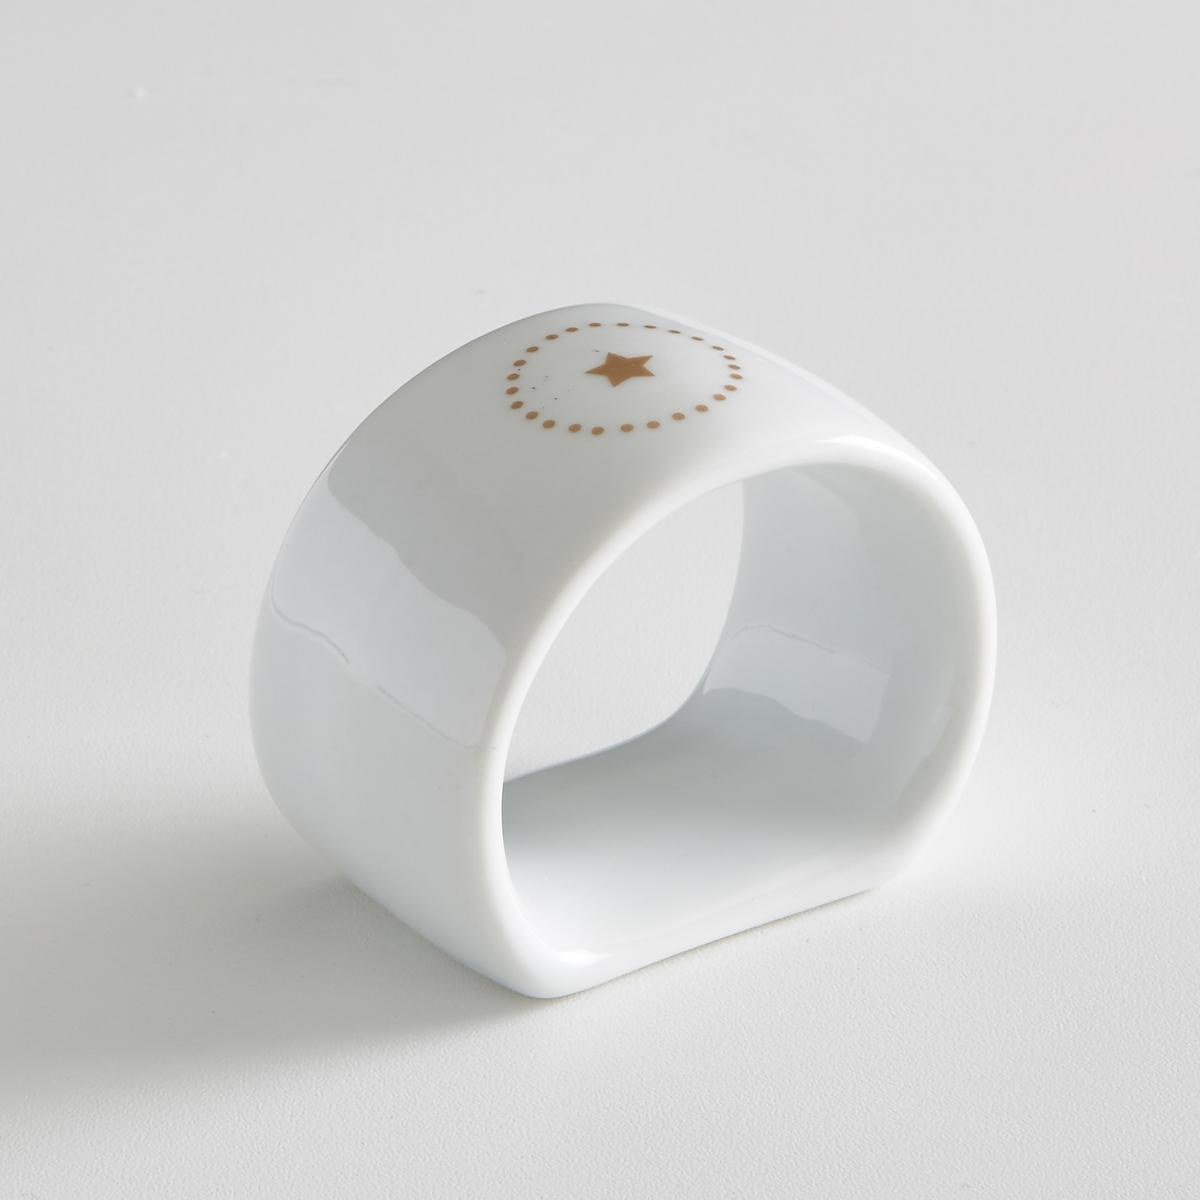 4 кольца для салфеток из фарфора KublerХарактеристики 4 колец для салфеток  Kubler  :- Кольца для салфеток из фарфора  - Диаметр : 5, 2 см . - Использование в посудомоечной машине и микроволновой печи запрещено- В комплекте 4 бокалаНайдите комплект посуды Kubler на нашем сайте  laredoute.ru<br><br>Цвет: белый